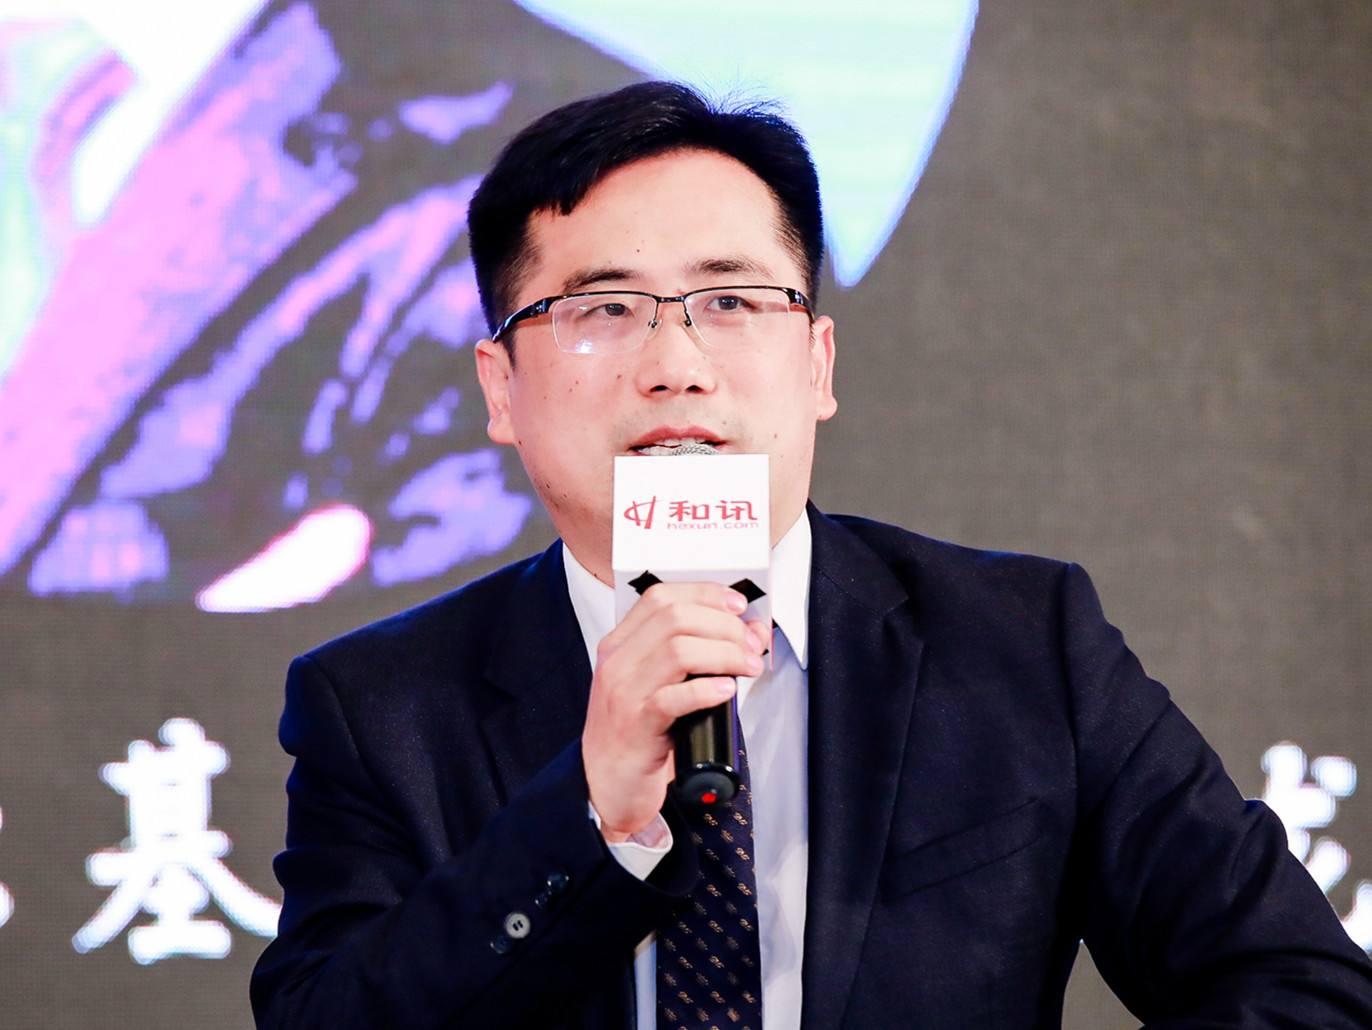 杨德龙:市场调整释放风险消费白马股仍值得关注